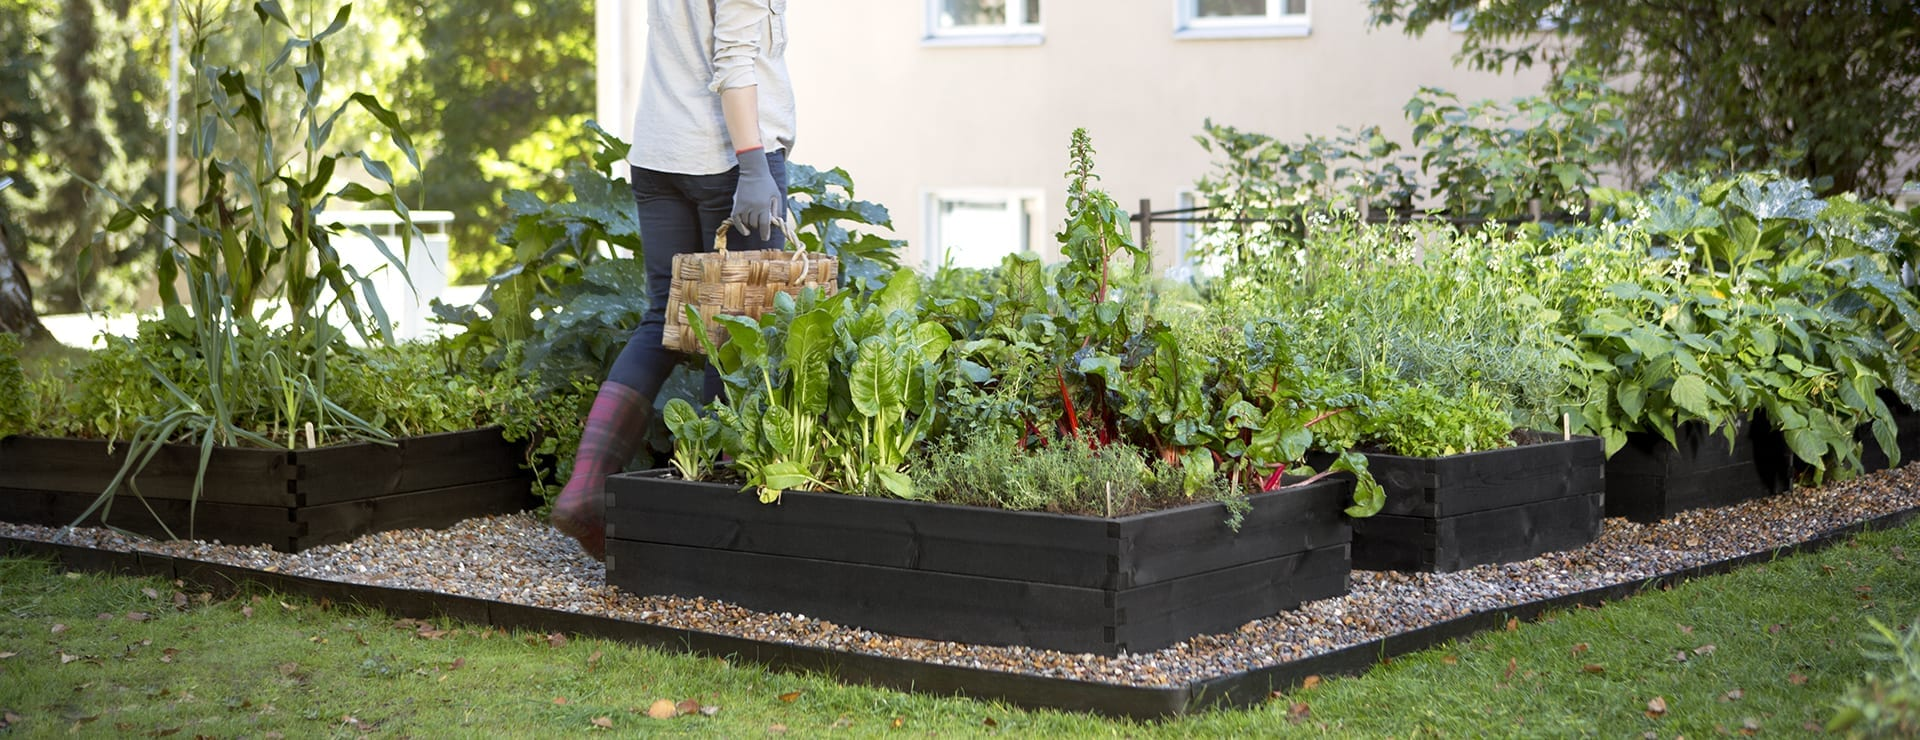 Puutarhurin vinkit: Keittiöpuutarhan perustaminen